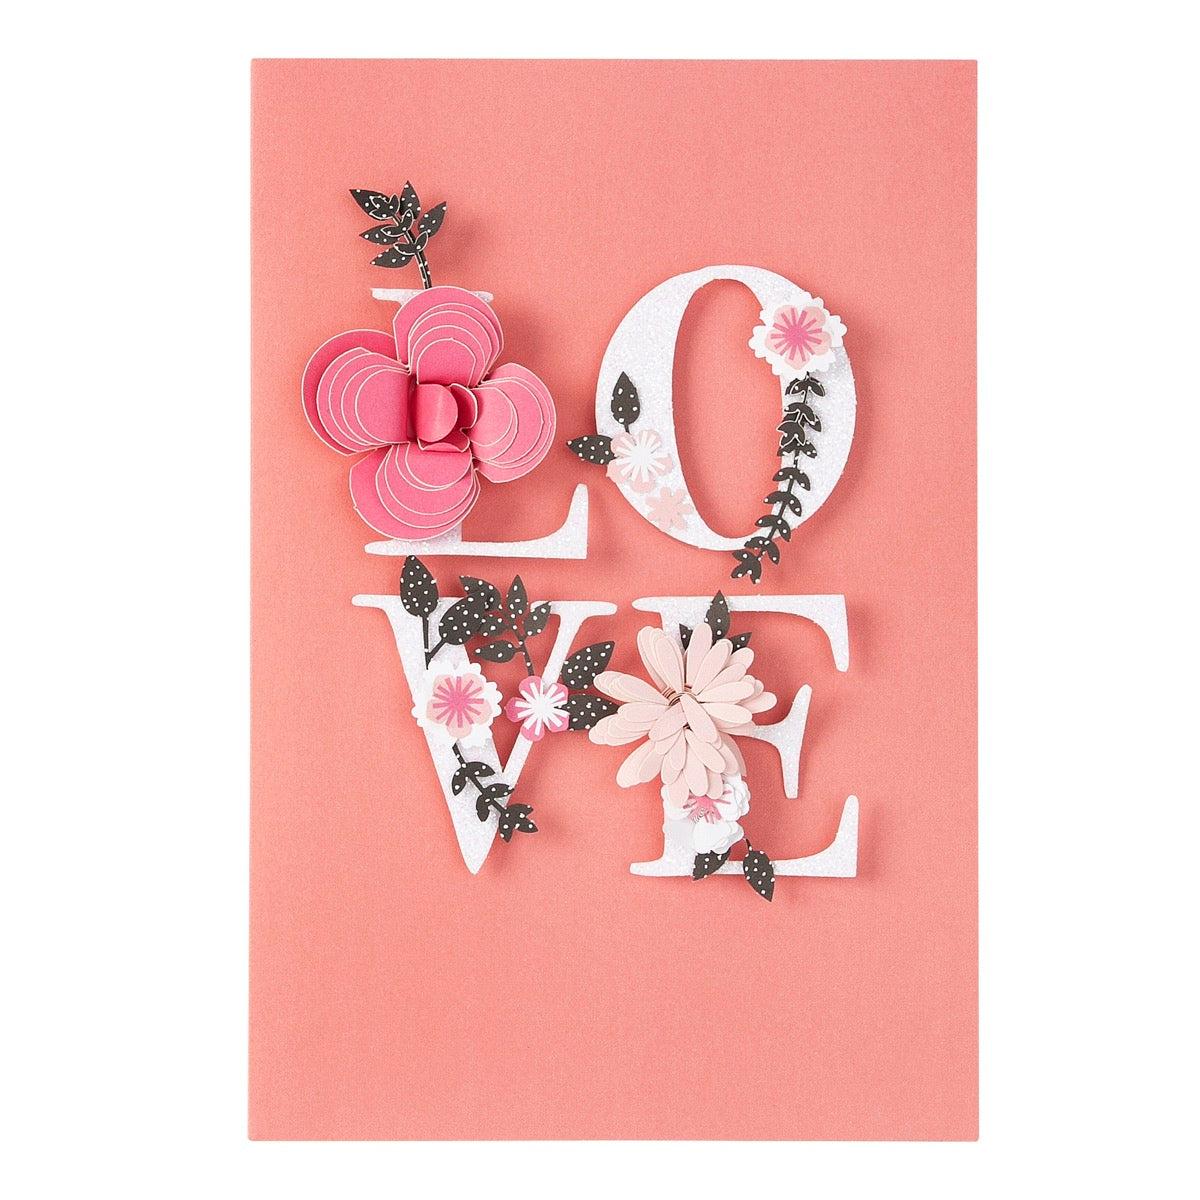 Carte amour mot love et fleurs reliefées